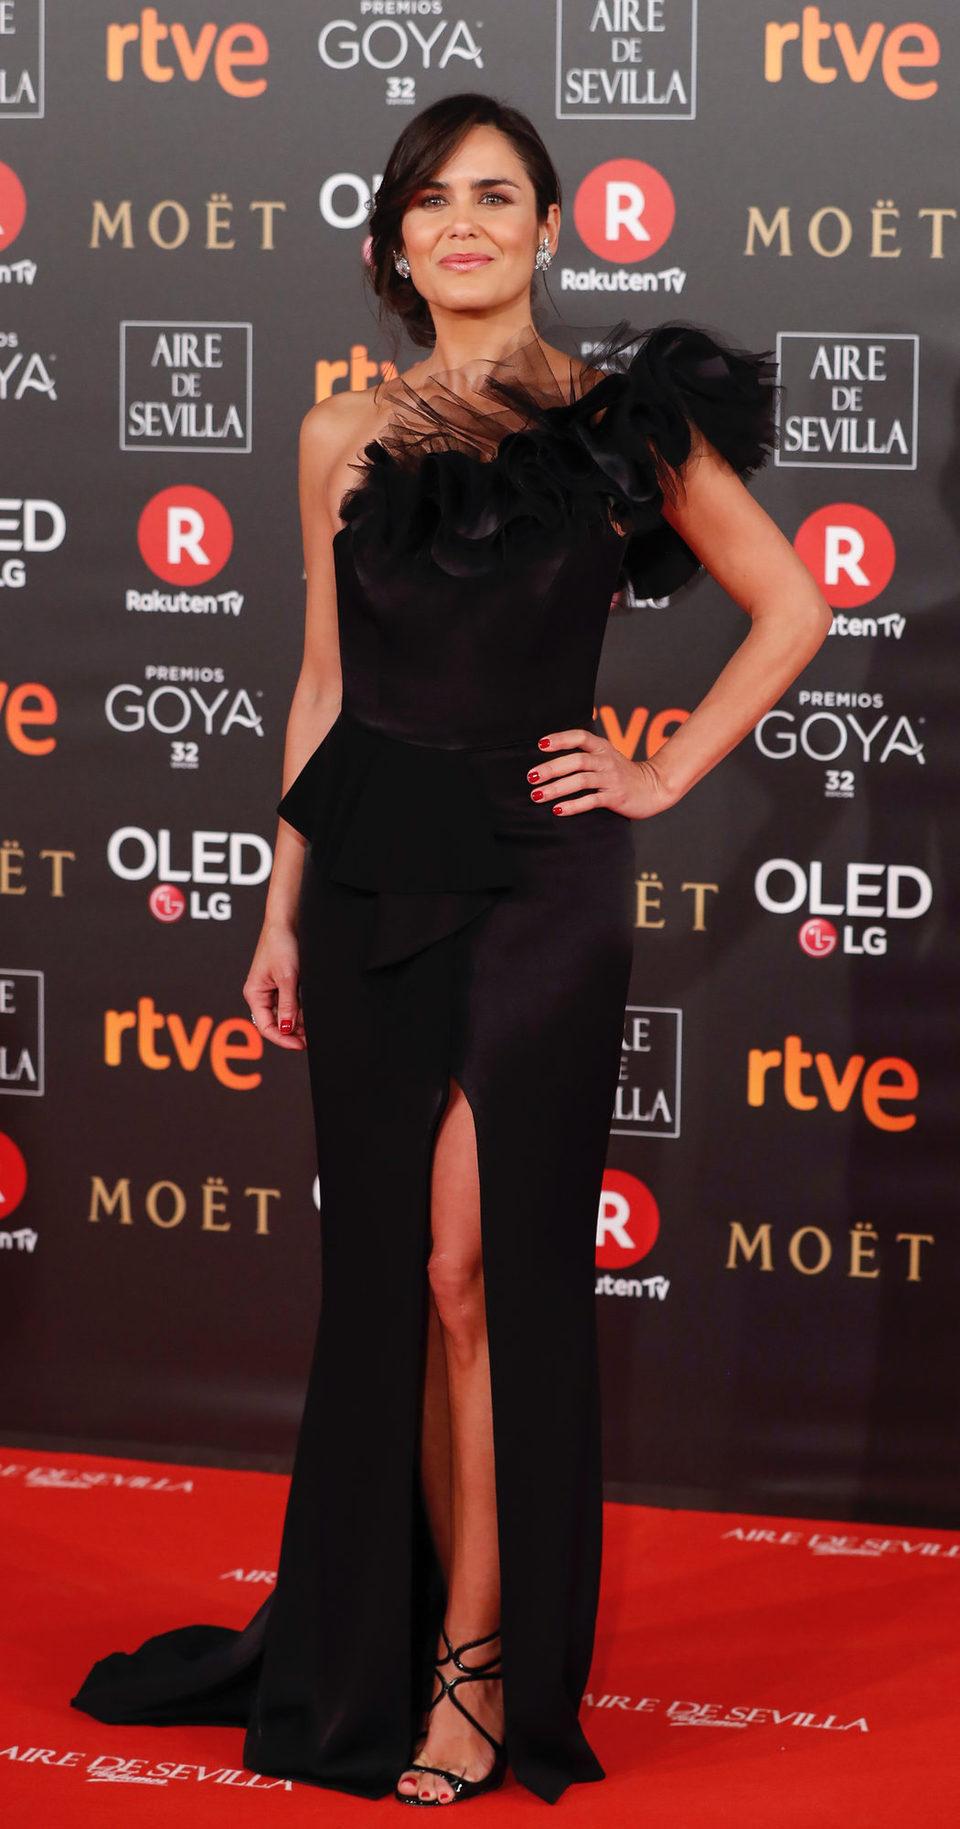 Elena Sánchez en la alfombra roja de los Premios Goya 2018